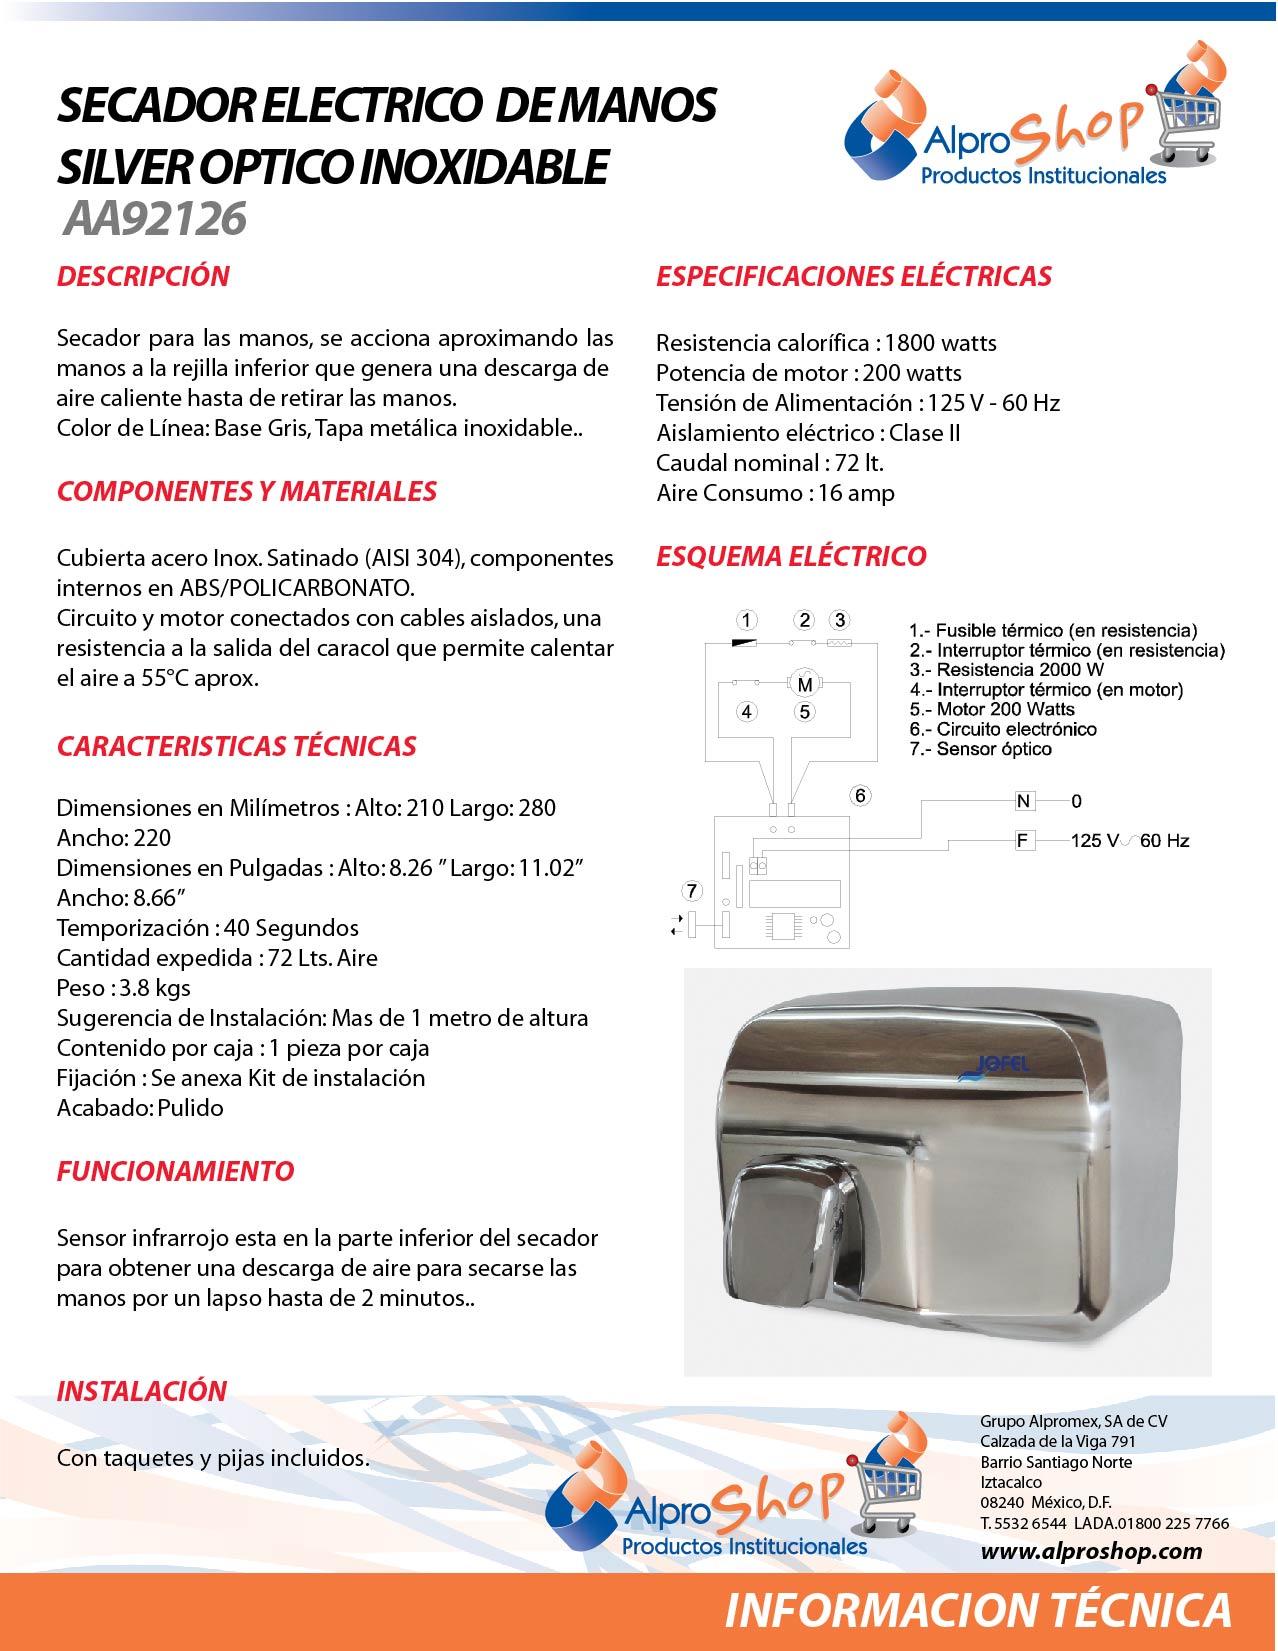 SECADOR ELECTRICO DE MANOS SILVER OPTICO Mod.AA92126 MARCA JOFEL